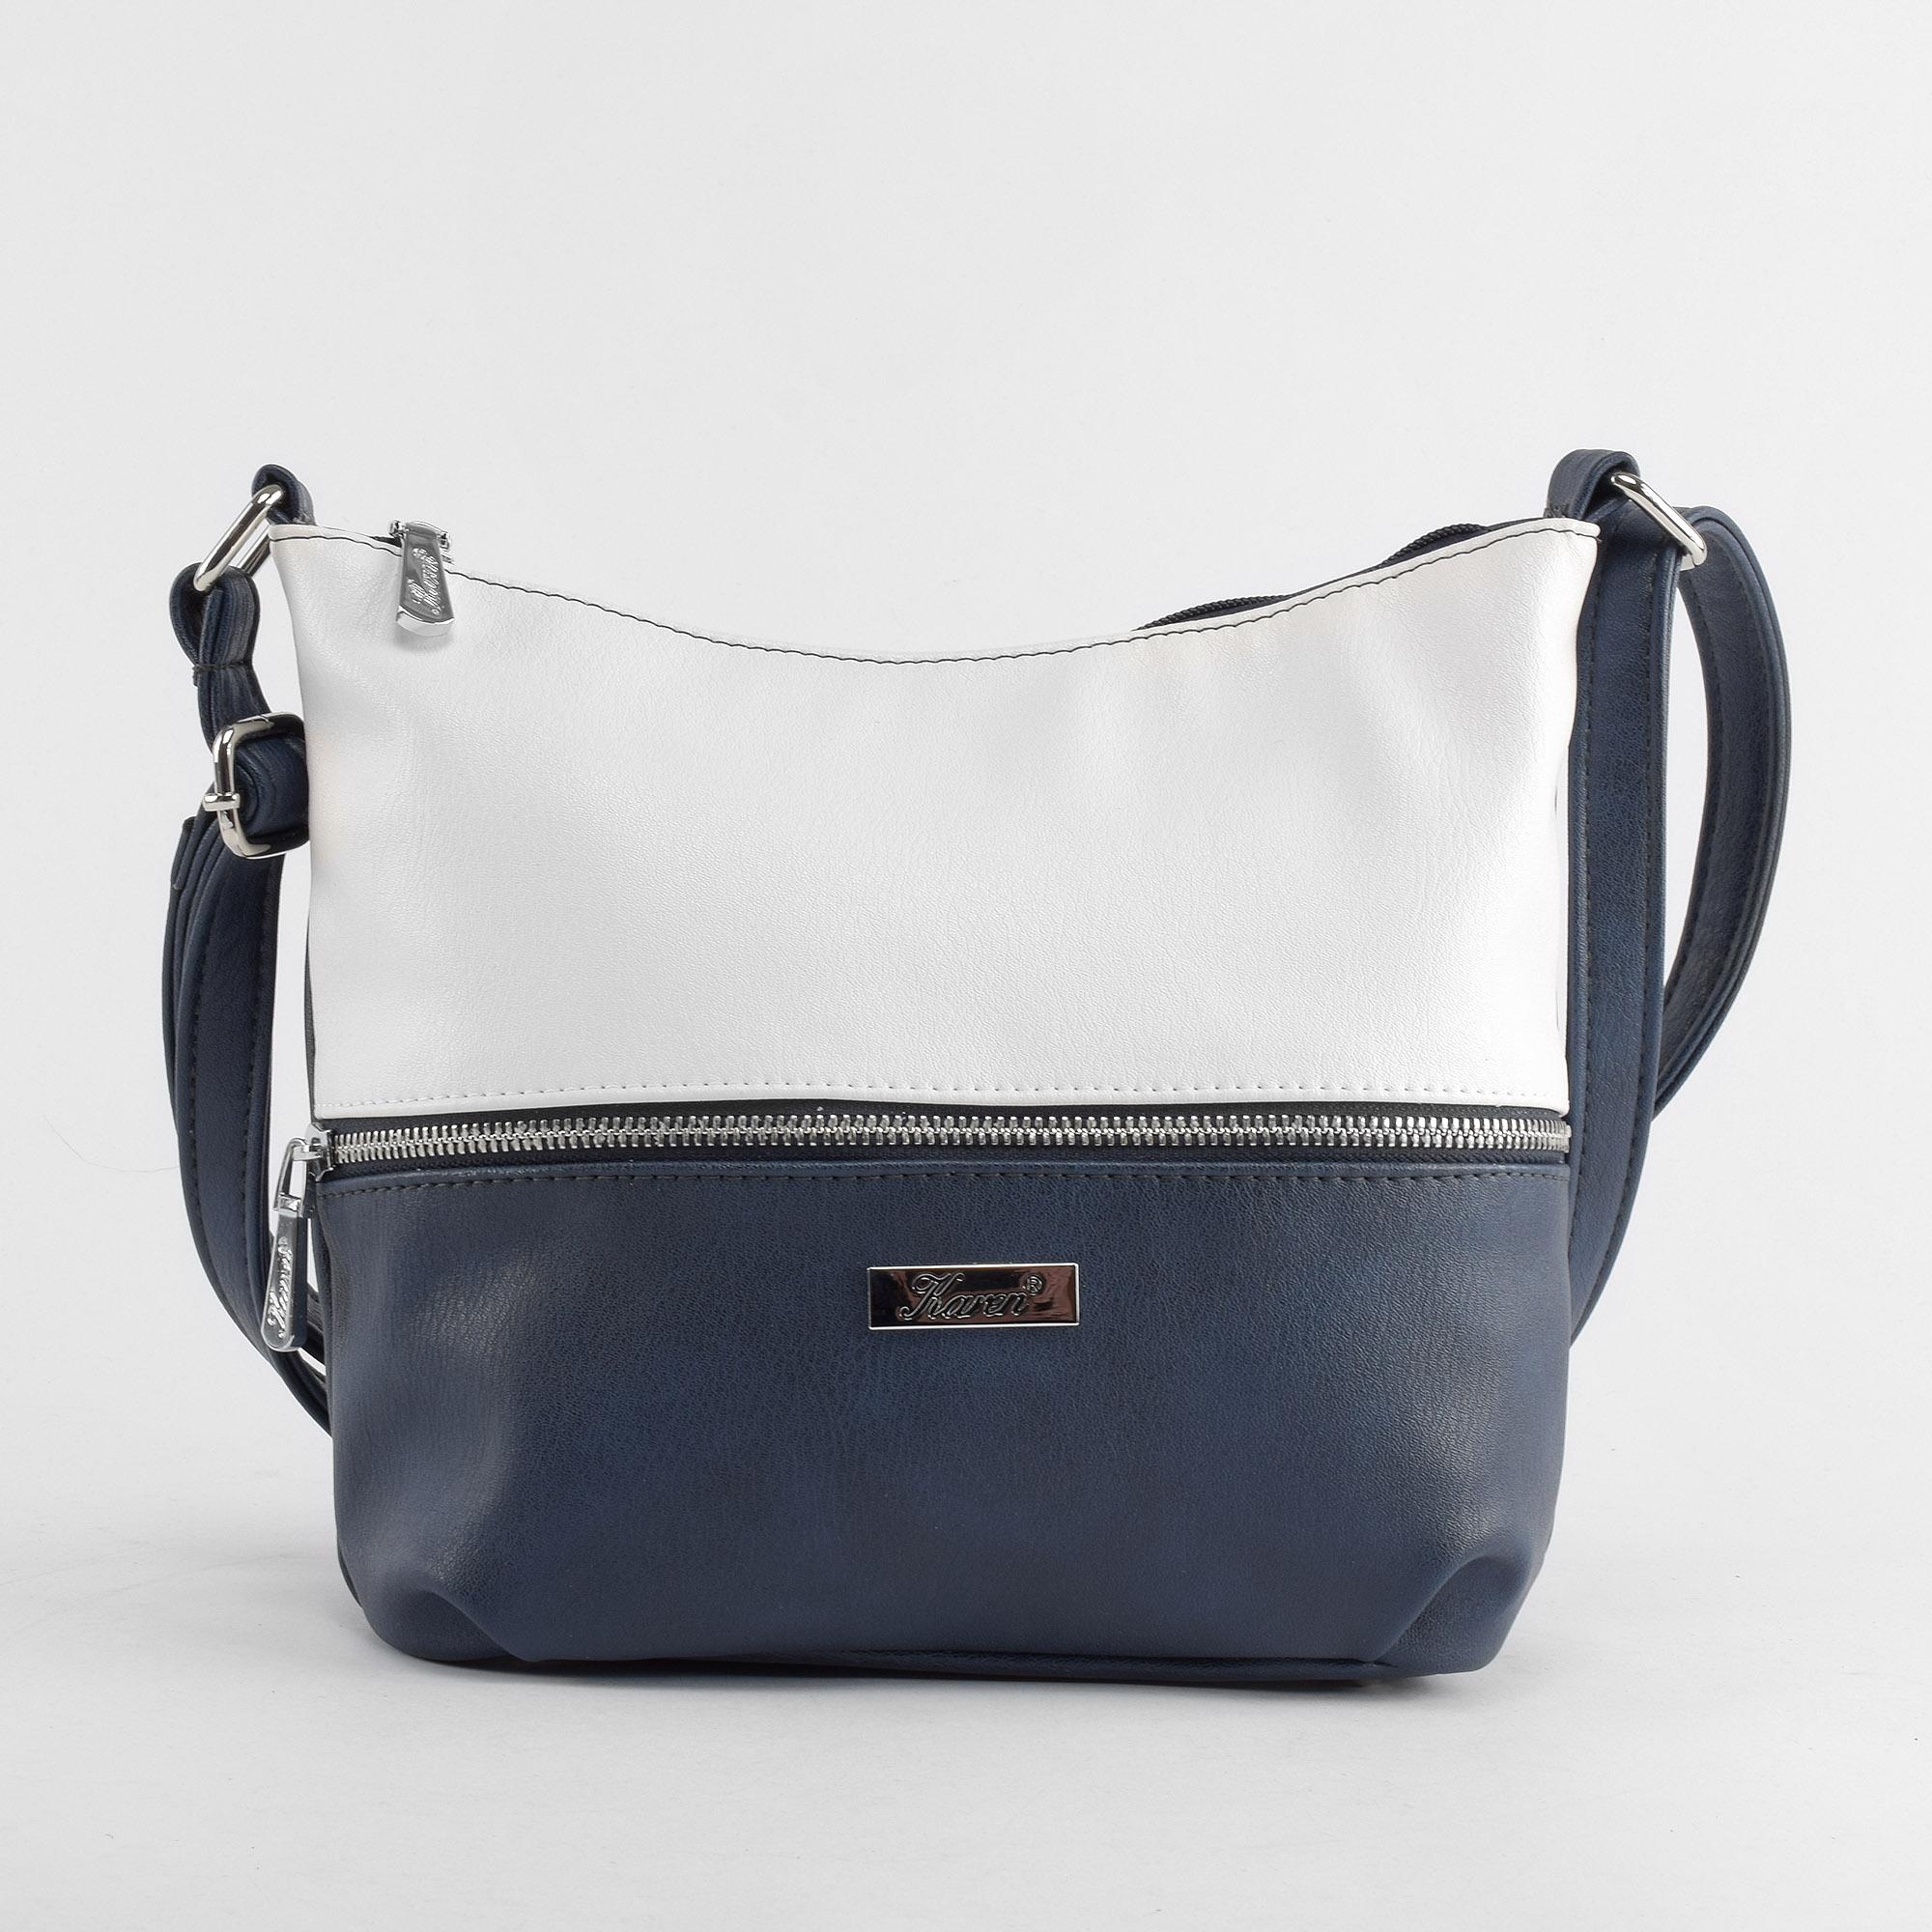 7a2715e1f1 Karen Kék-Fehér Női Rostbőr Válltáska - Válltáskák - Táska webáruház -  Minőségi táskák mindenkinek